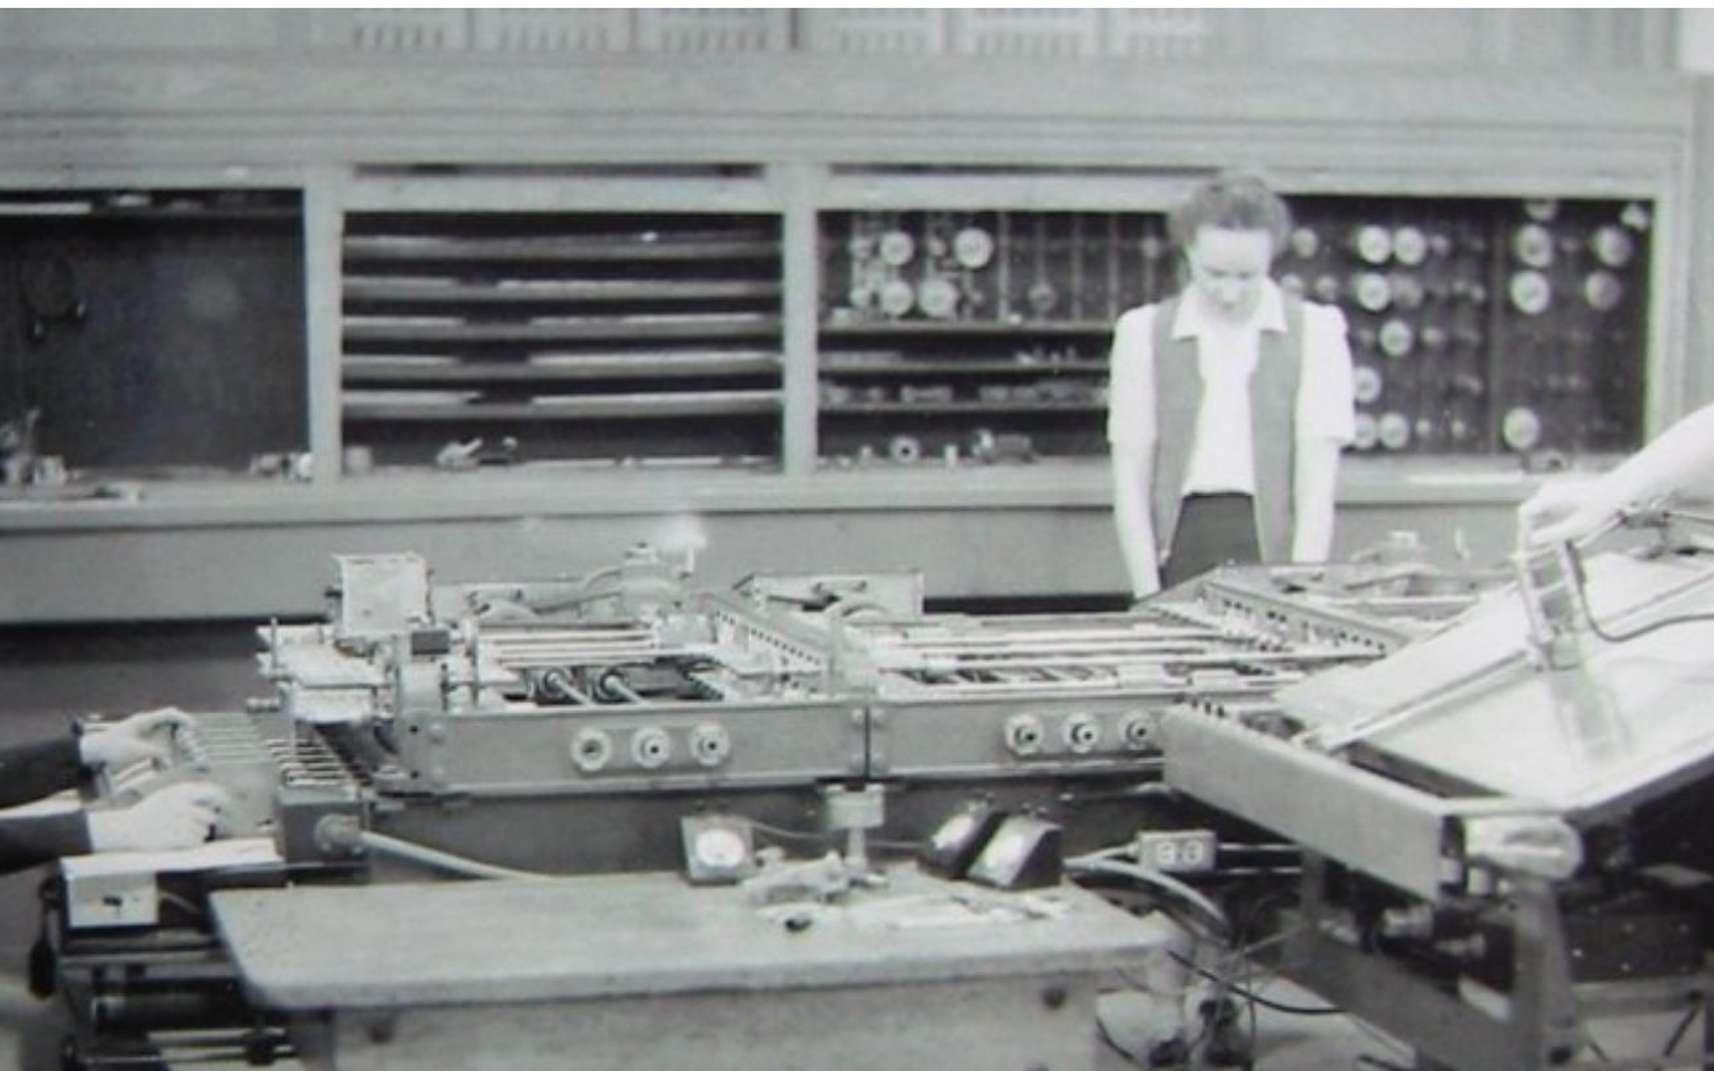 Dans la seconde moitié du XXe siècle, les femmes investissent les métiers jusque-là très masculins, dans le domaine des sciences et de la technique notamment. L'informatique en fait partie mais elle diverge à partir des années 1980, quand les femmes s'intéressent moins cette discipline, en particulier la programmation. © DR